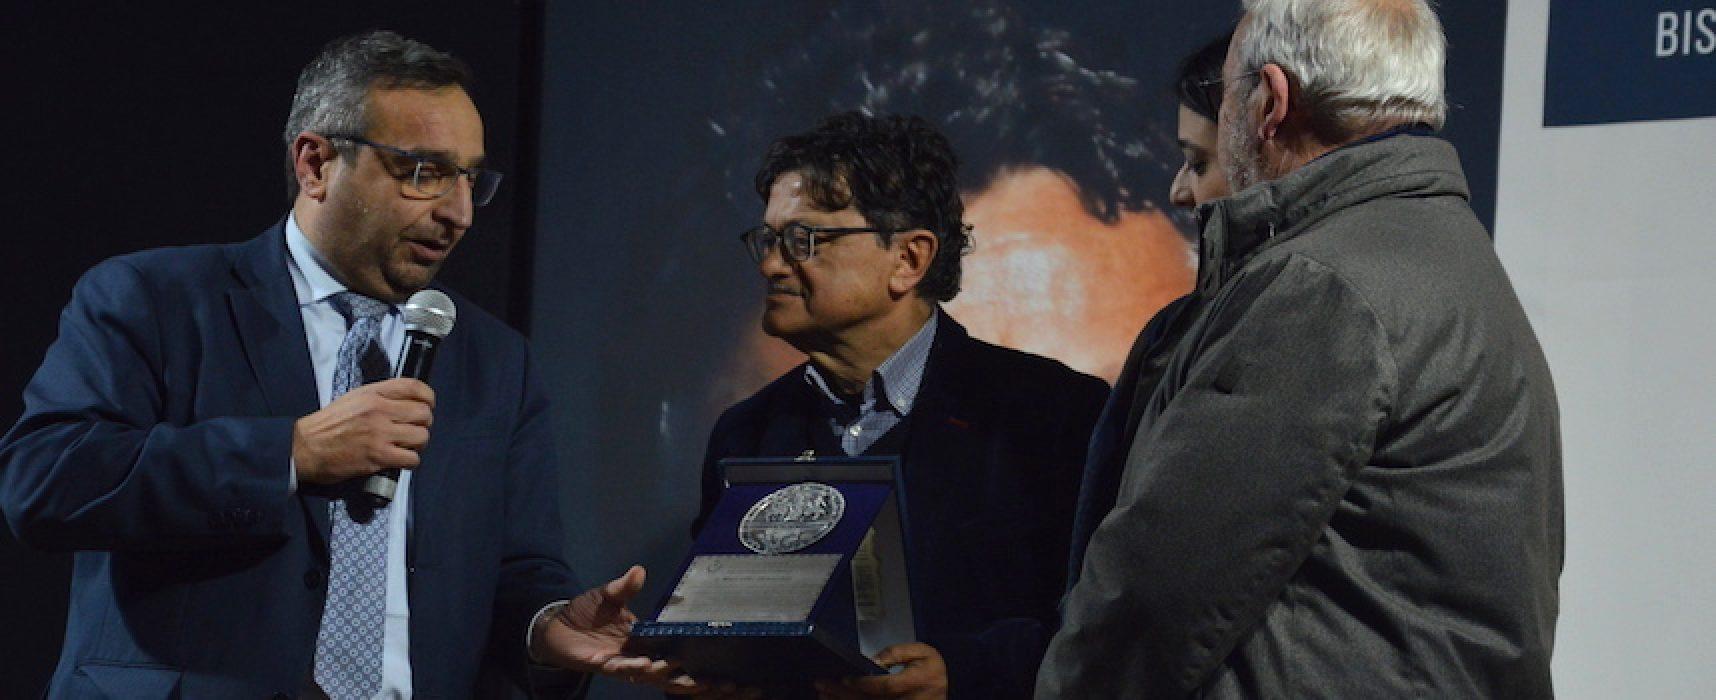 Marcello Veneziani riceve il sigillo della città e chiude l'anno letterario di Bisceglie